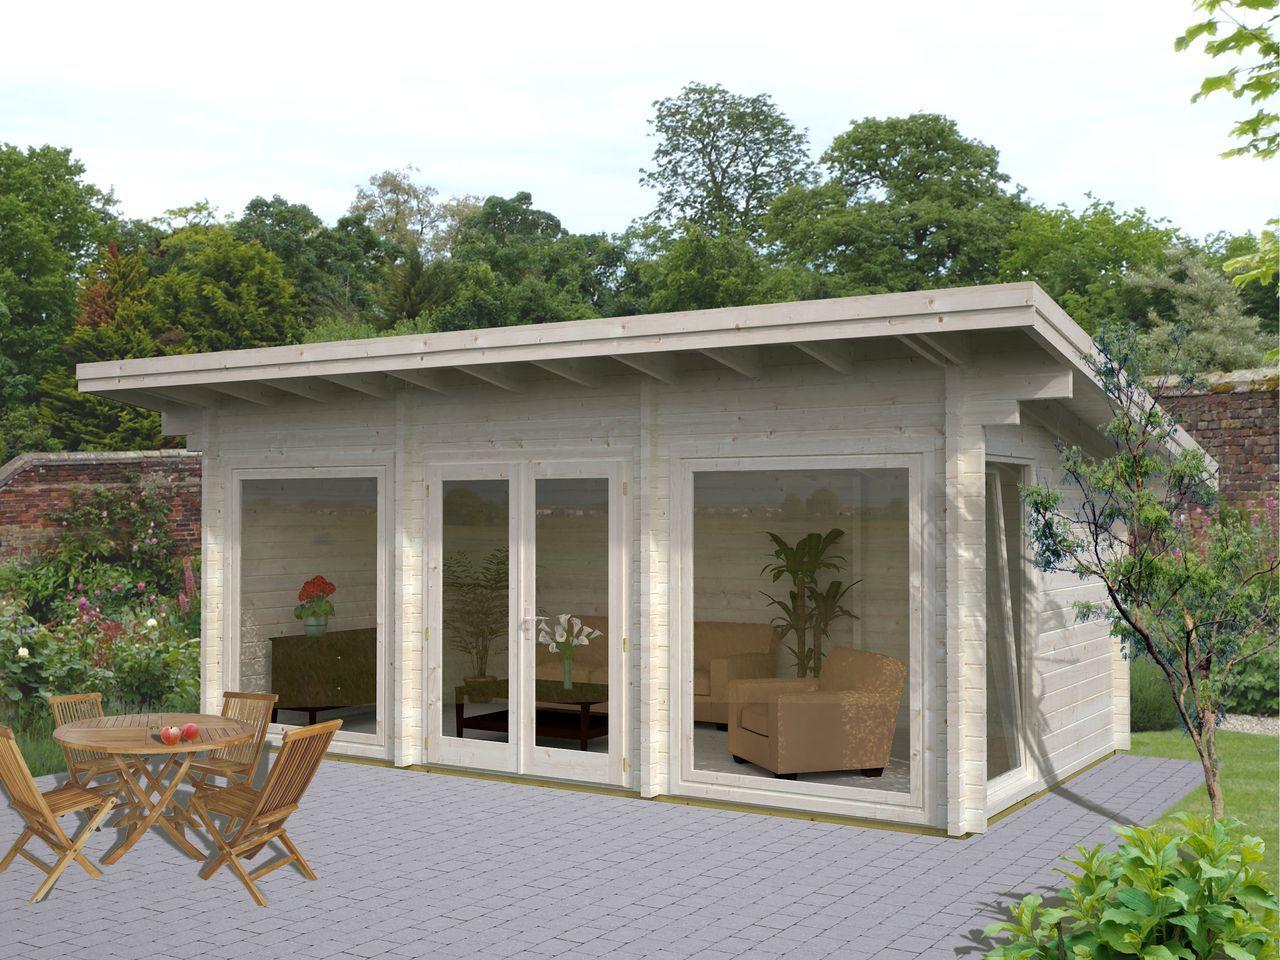 Palmako Gartenhaus Heidi 19,7 m² Blockhaus ferienhaus